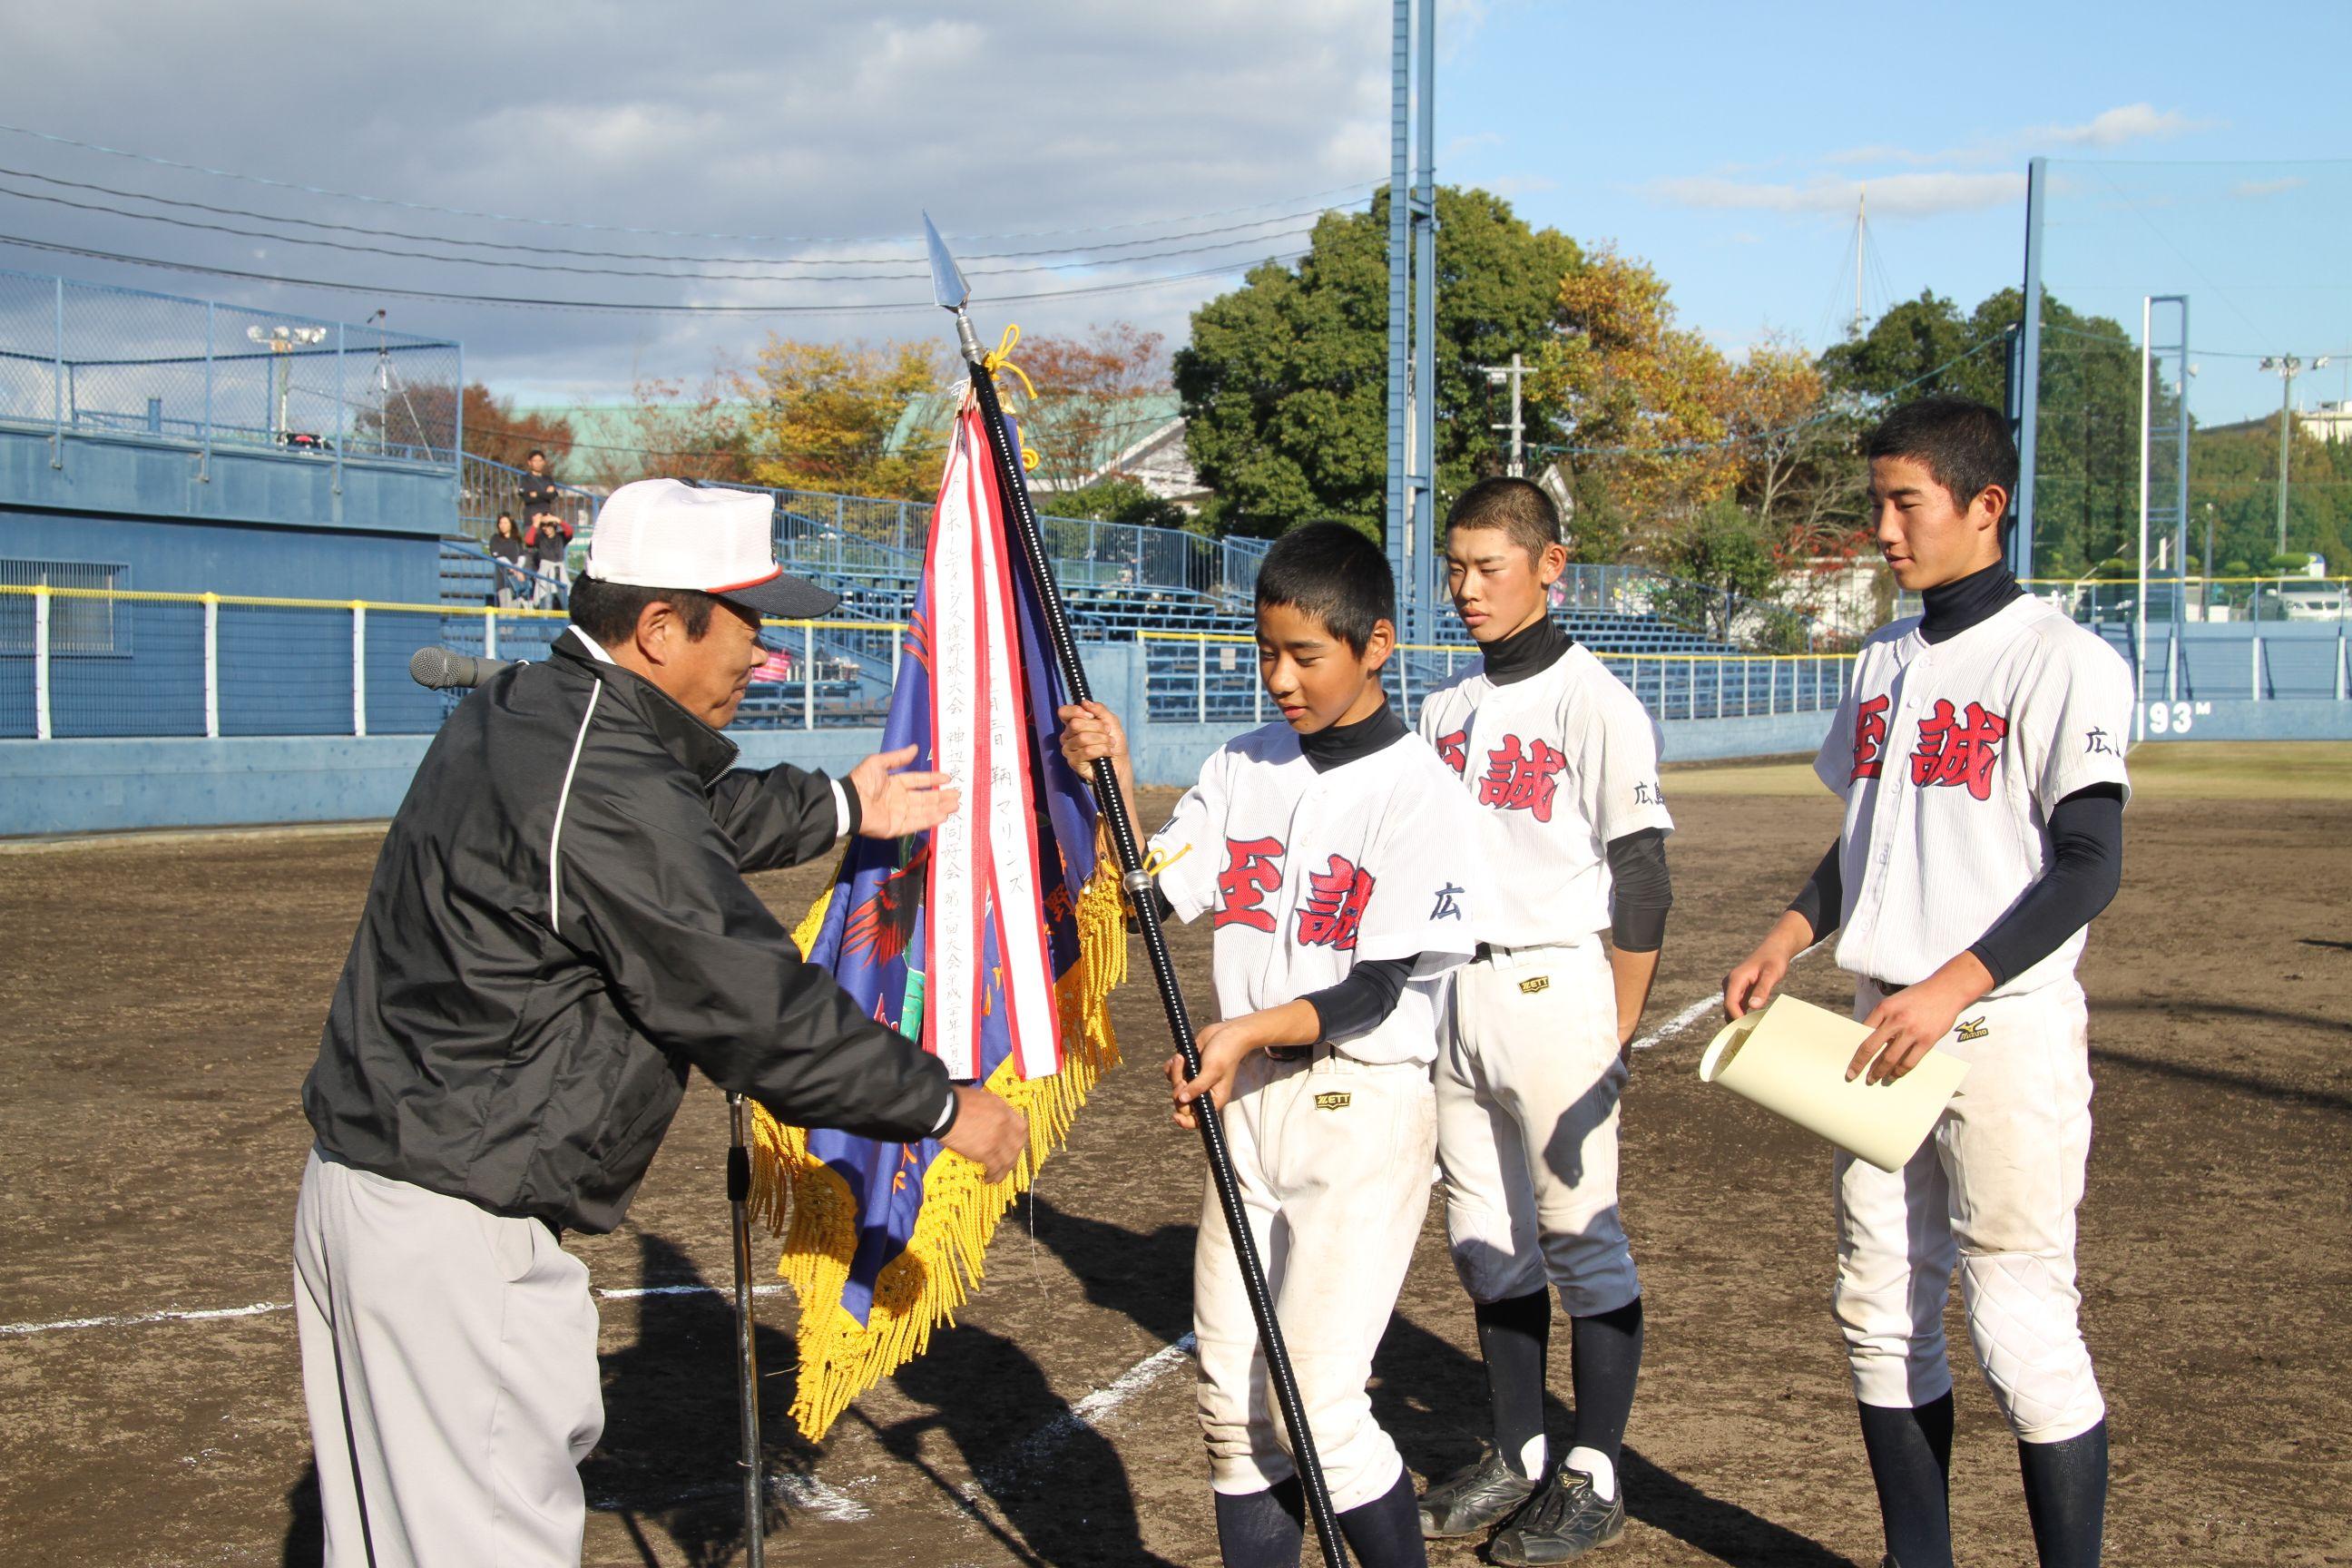 第9回ツネイシホールディングス旗野球大会および野球教室を開催、至誠クラブが初優勝!